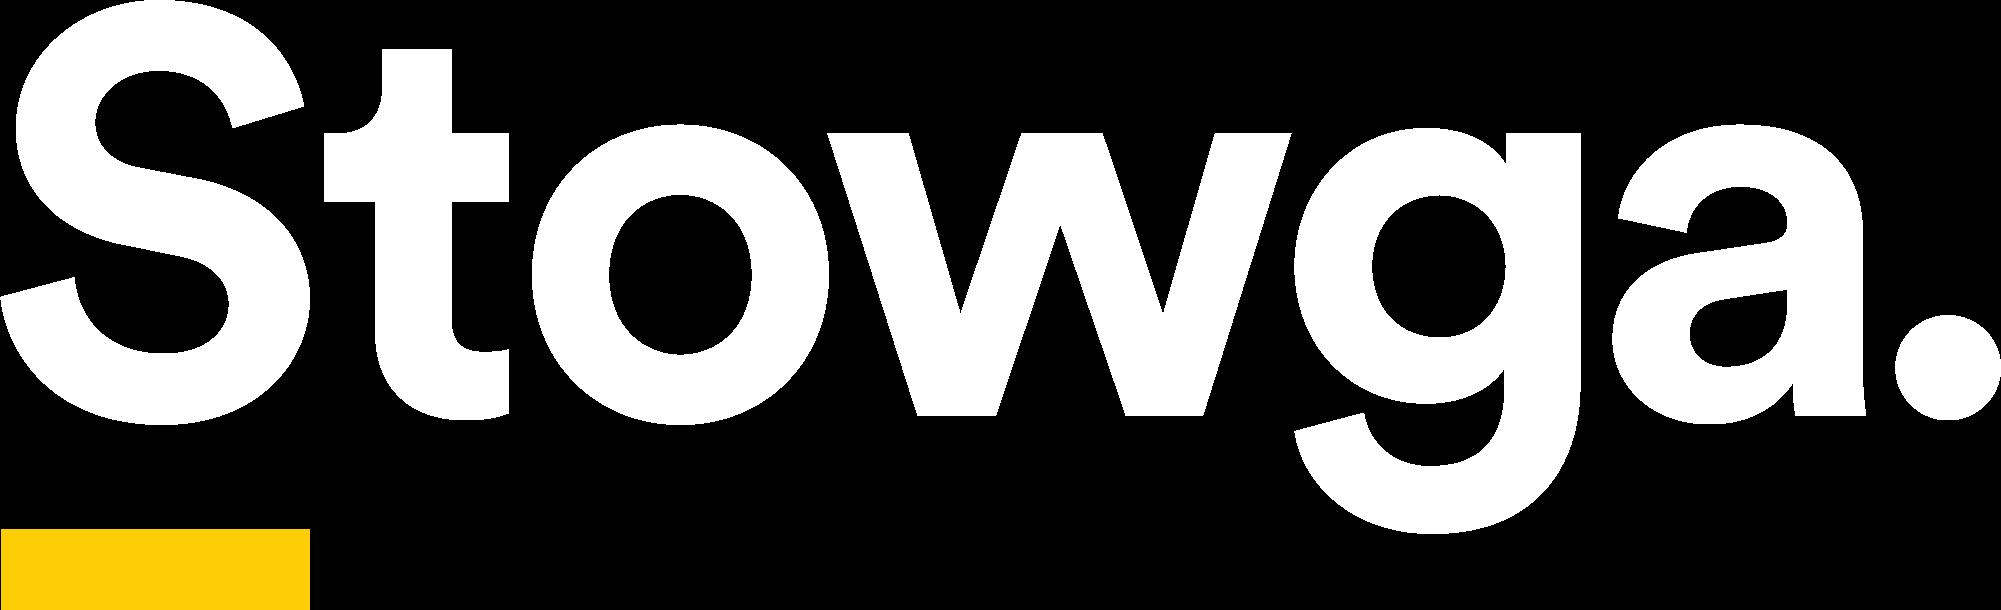 Stowga